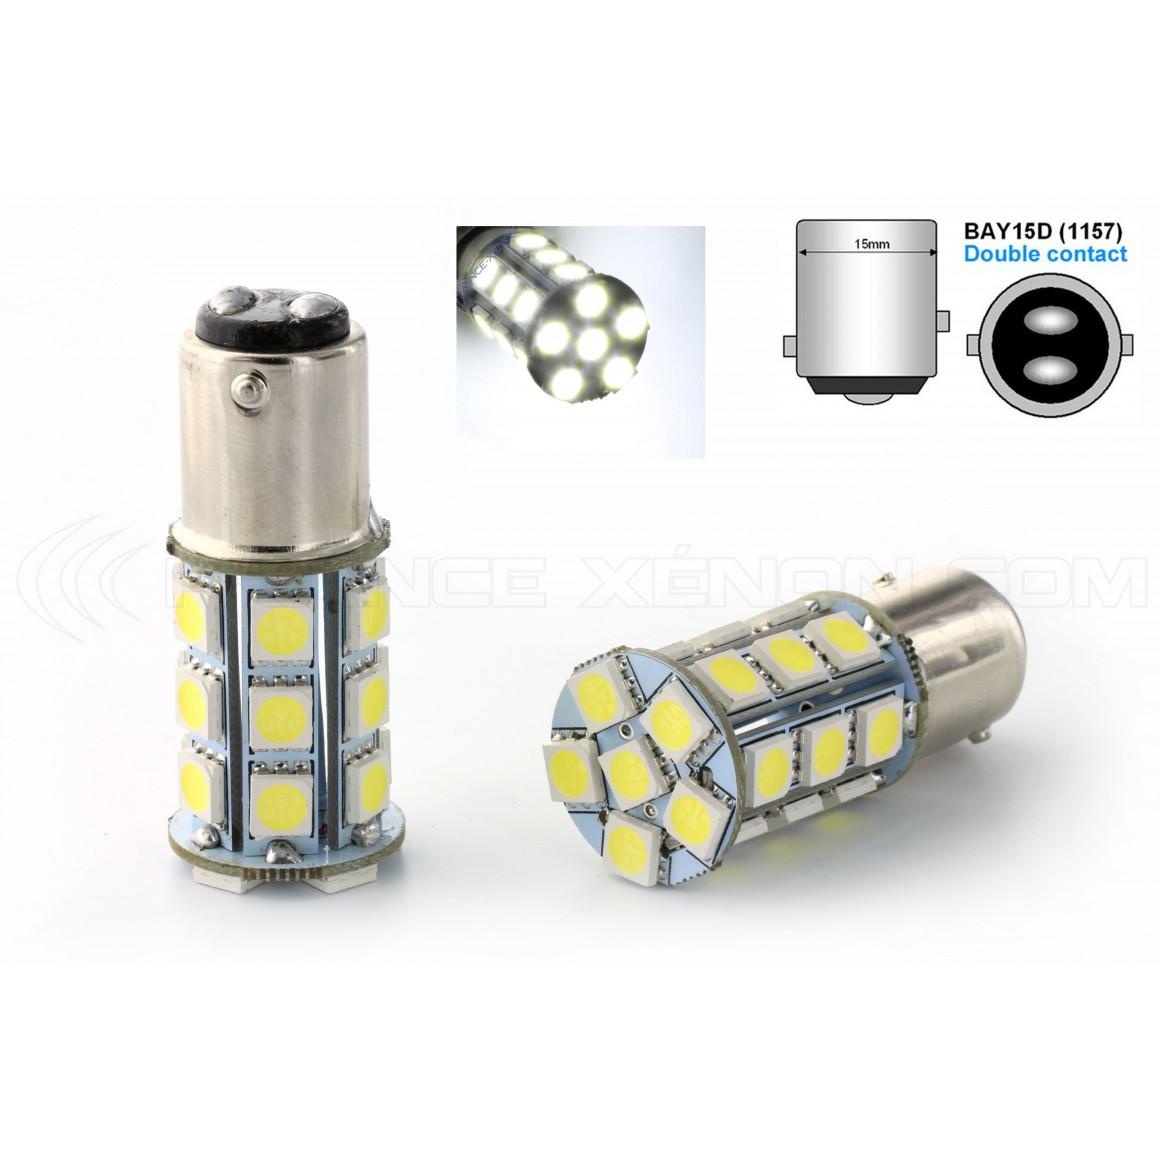 2 x 24 LED bulbs SMD - p21 / 5w - White